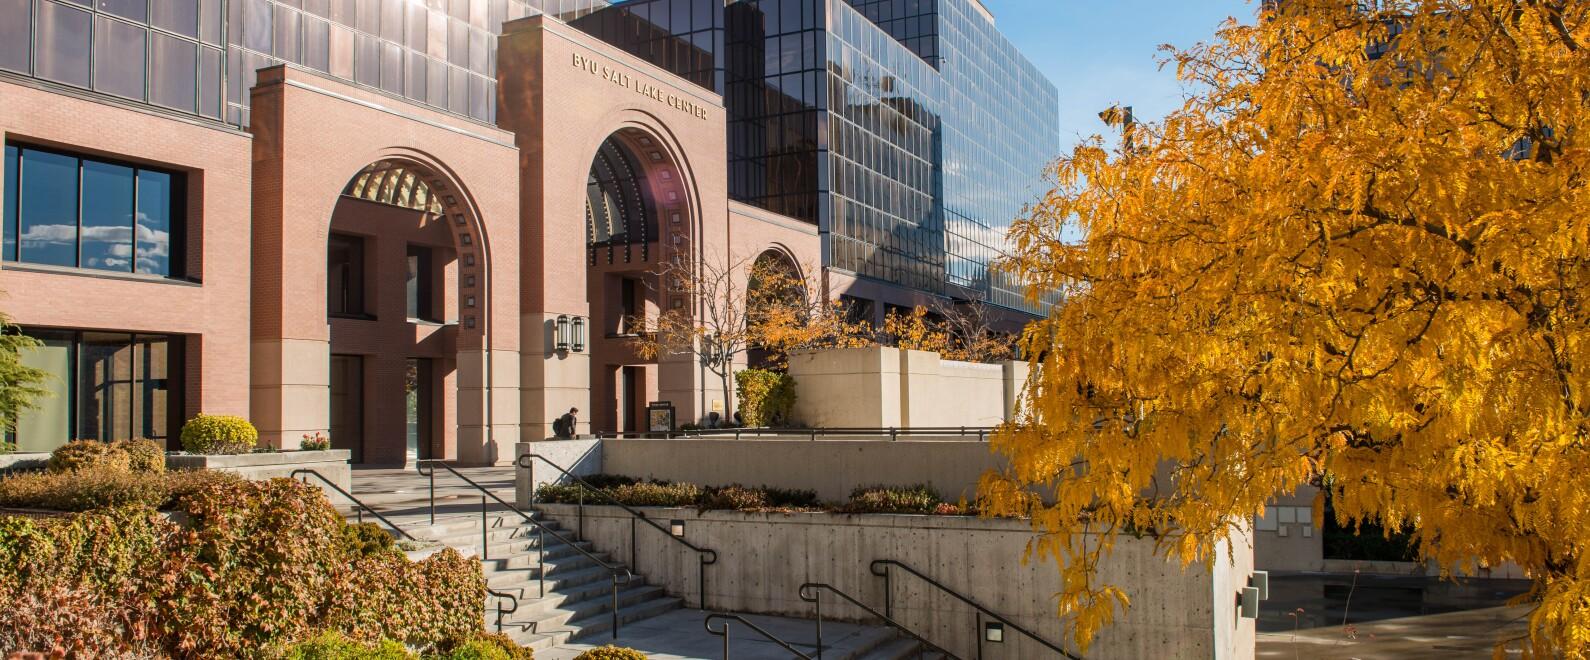 BYU Salt Lake Center - Nov 2018